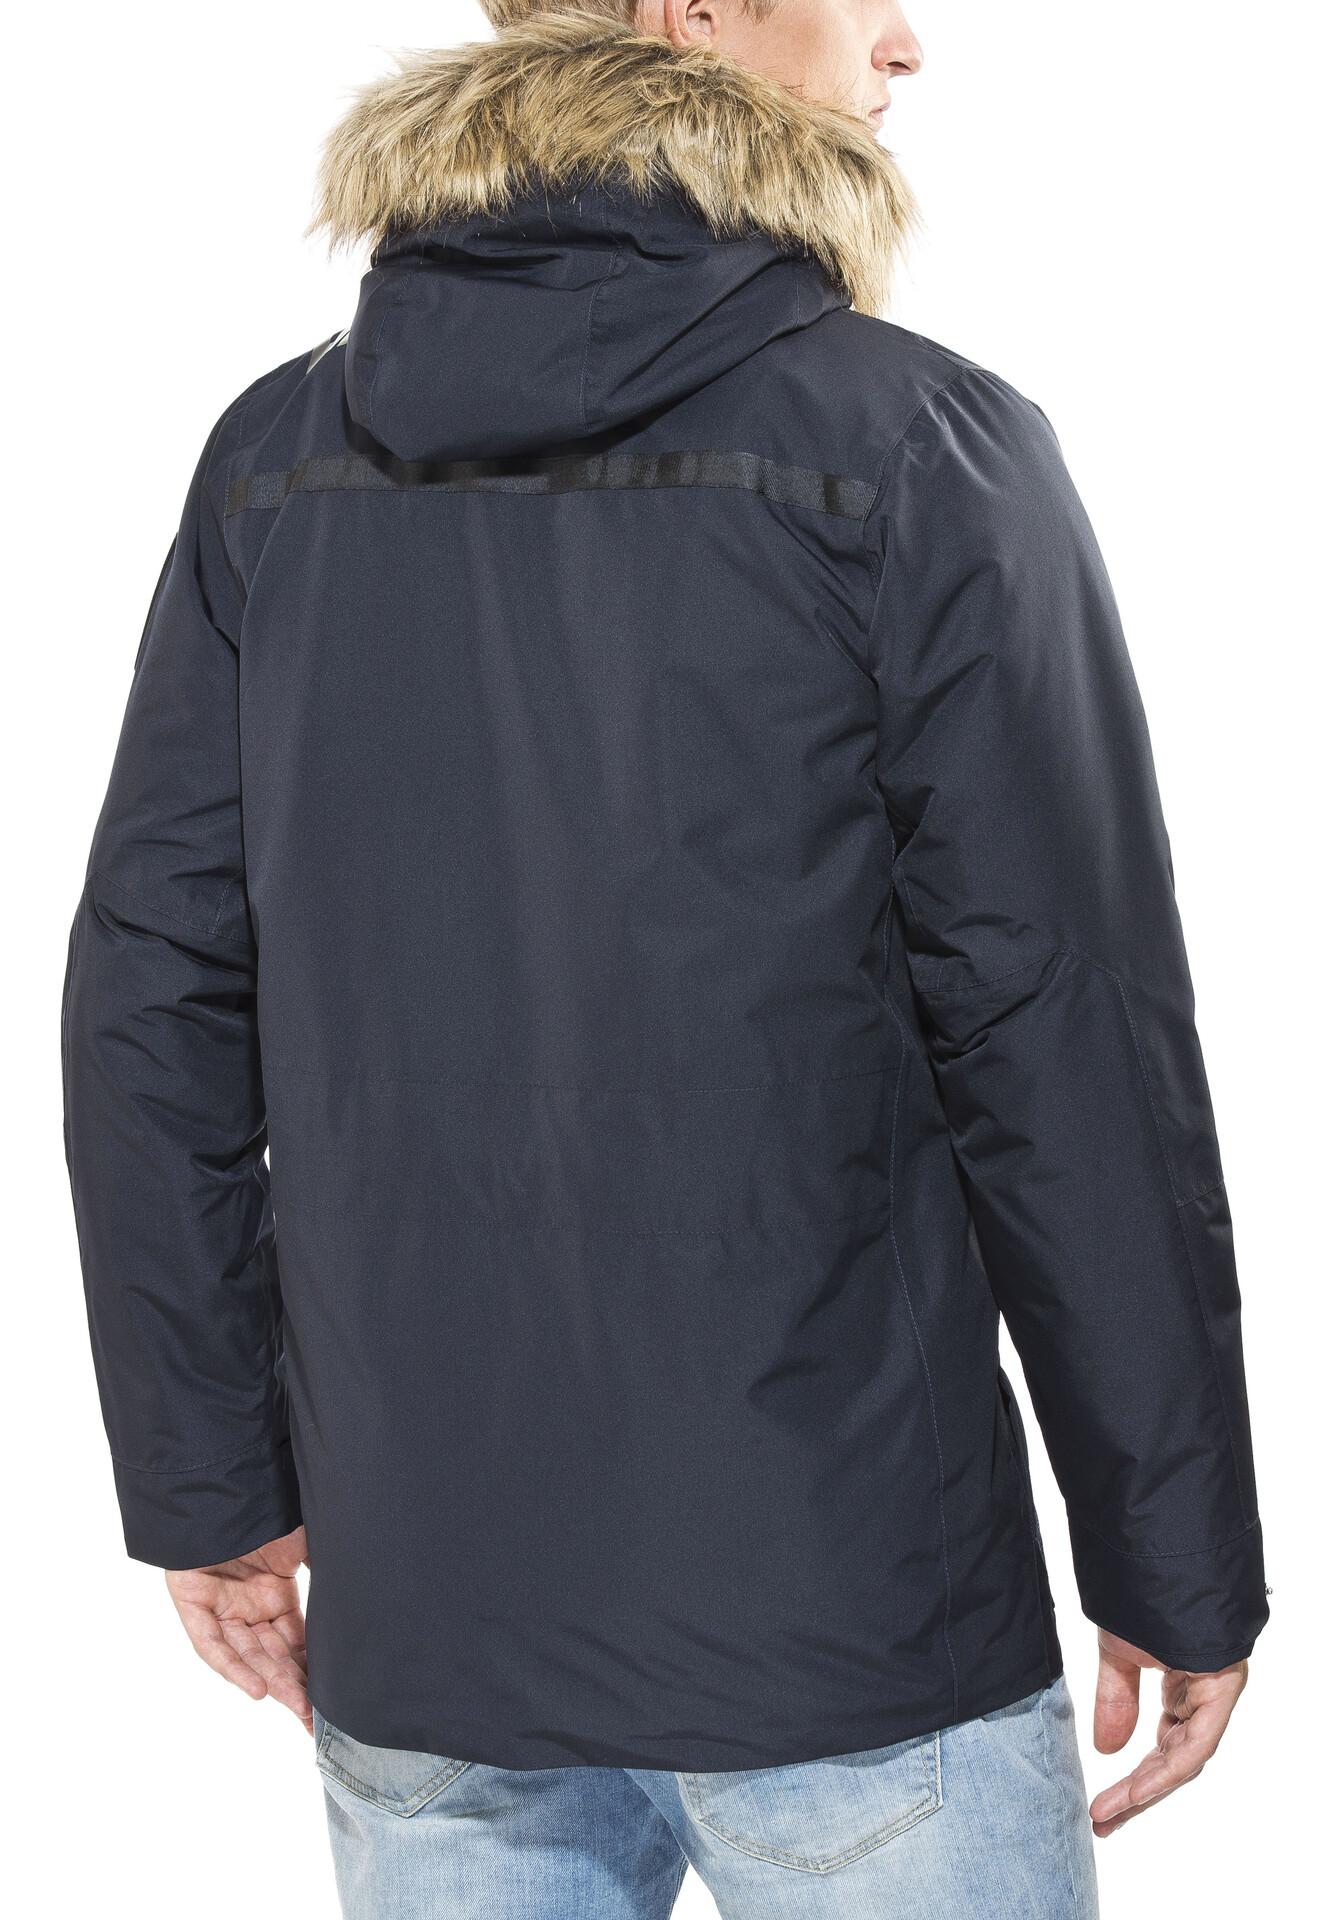 Inverno Giacca Uomo Giacca Outdoor Parka giacca uomo cappuccio pelliccia collo h-131 S-XXL